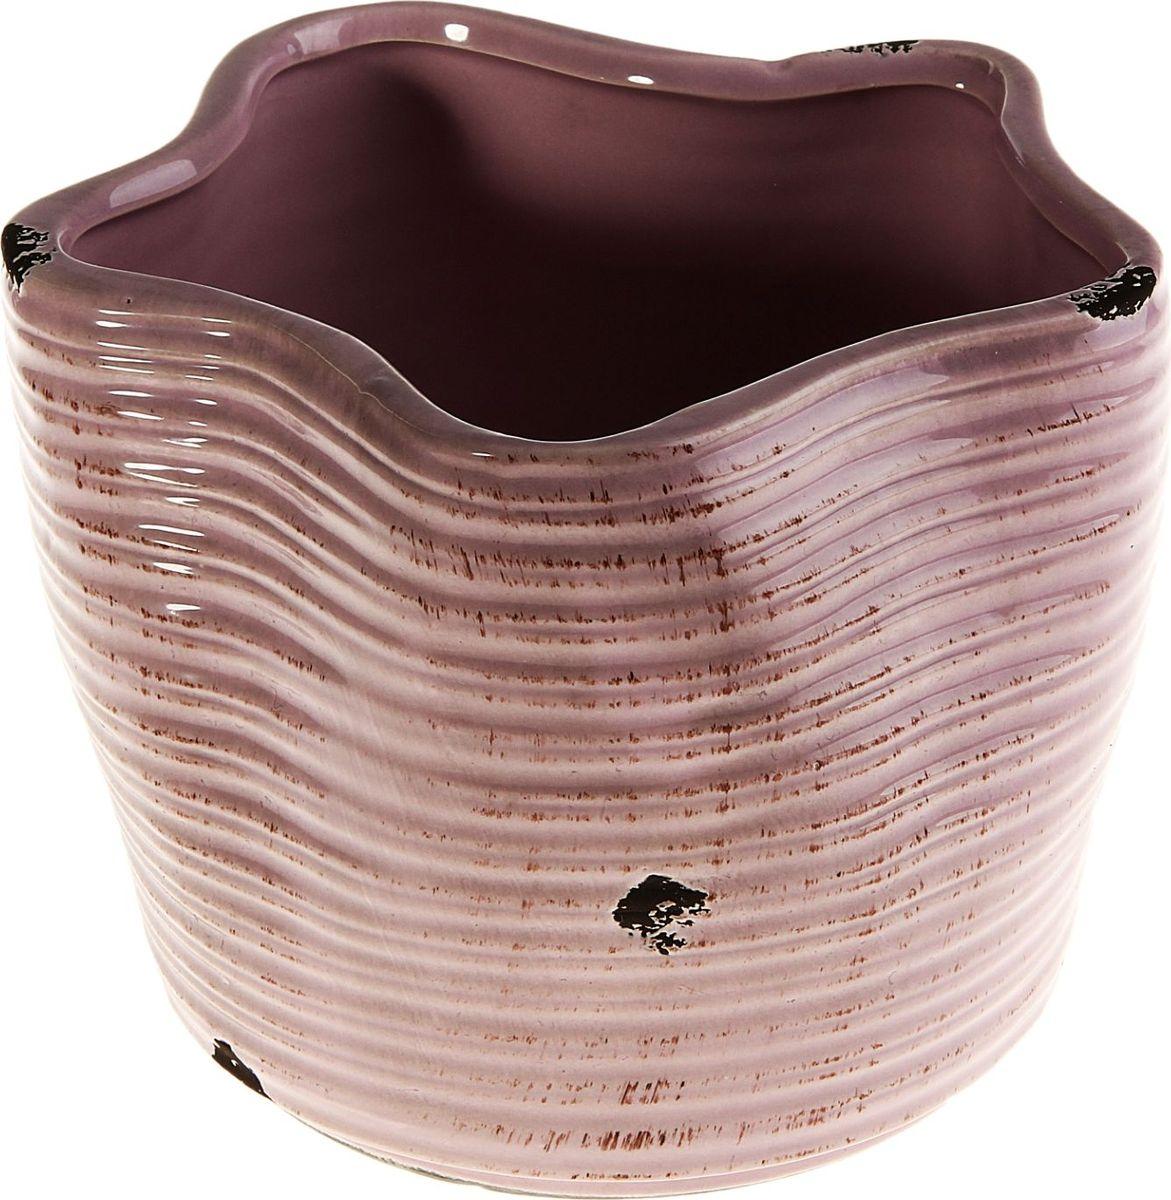 Кашпо Звезда, цвет: розовый, 1-2 л829871Комнатные растения — всеобщие любимцы. Они радуют глаз, насыщают помещение кислородом и украшают пространство. Каждому из них необходим свой удобный и красивый дом. Кашпо из керамики прекрасно подходят для высадки растений: за счёт пластичности глины и разных способов обработки существует великое множество форм и дизайновпористый материал позволяет испаряться лишней влагевоздух, необходимый для дыхания корней, проникает сквозь керамические стенки! #name# позаботится о зелёном питомце, освежит интерьер и подчеркнёт его стиль.